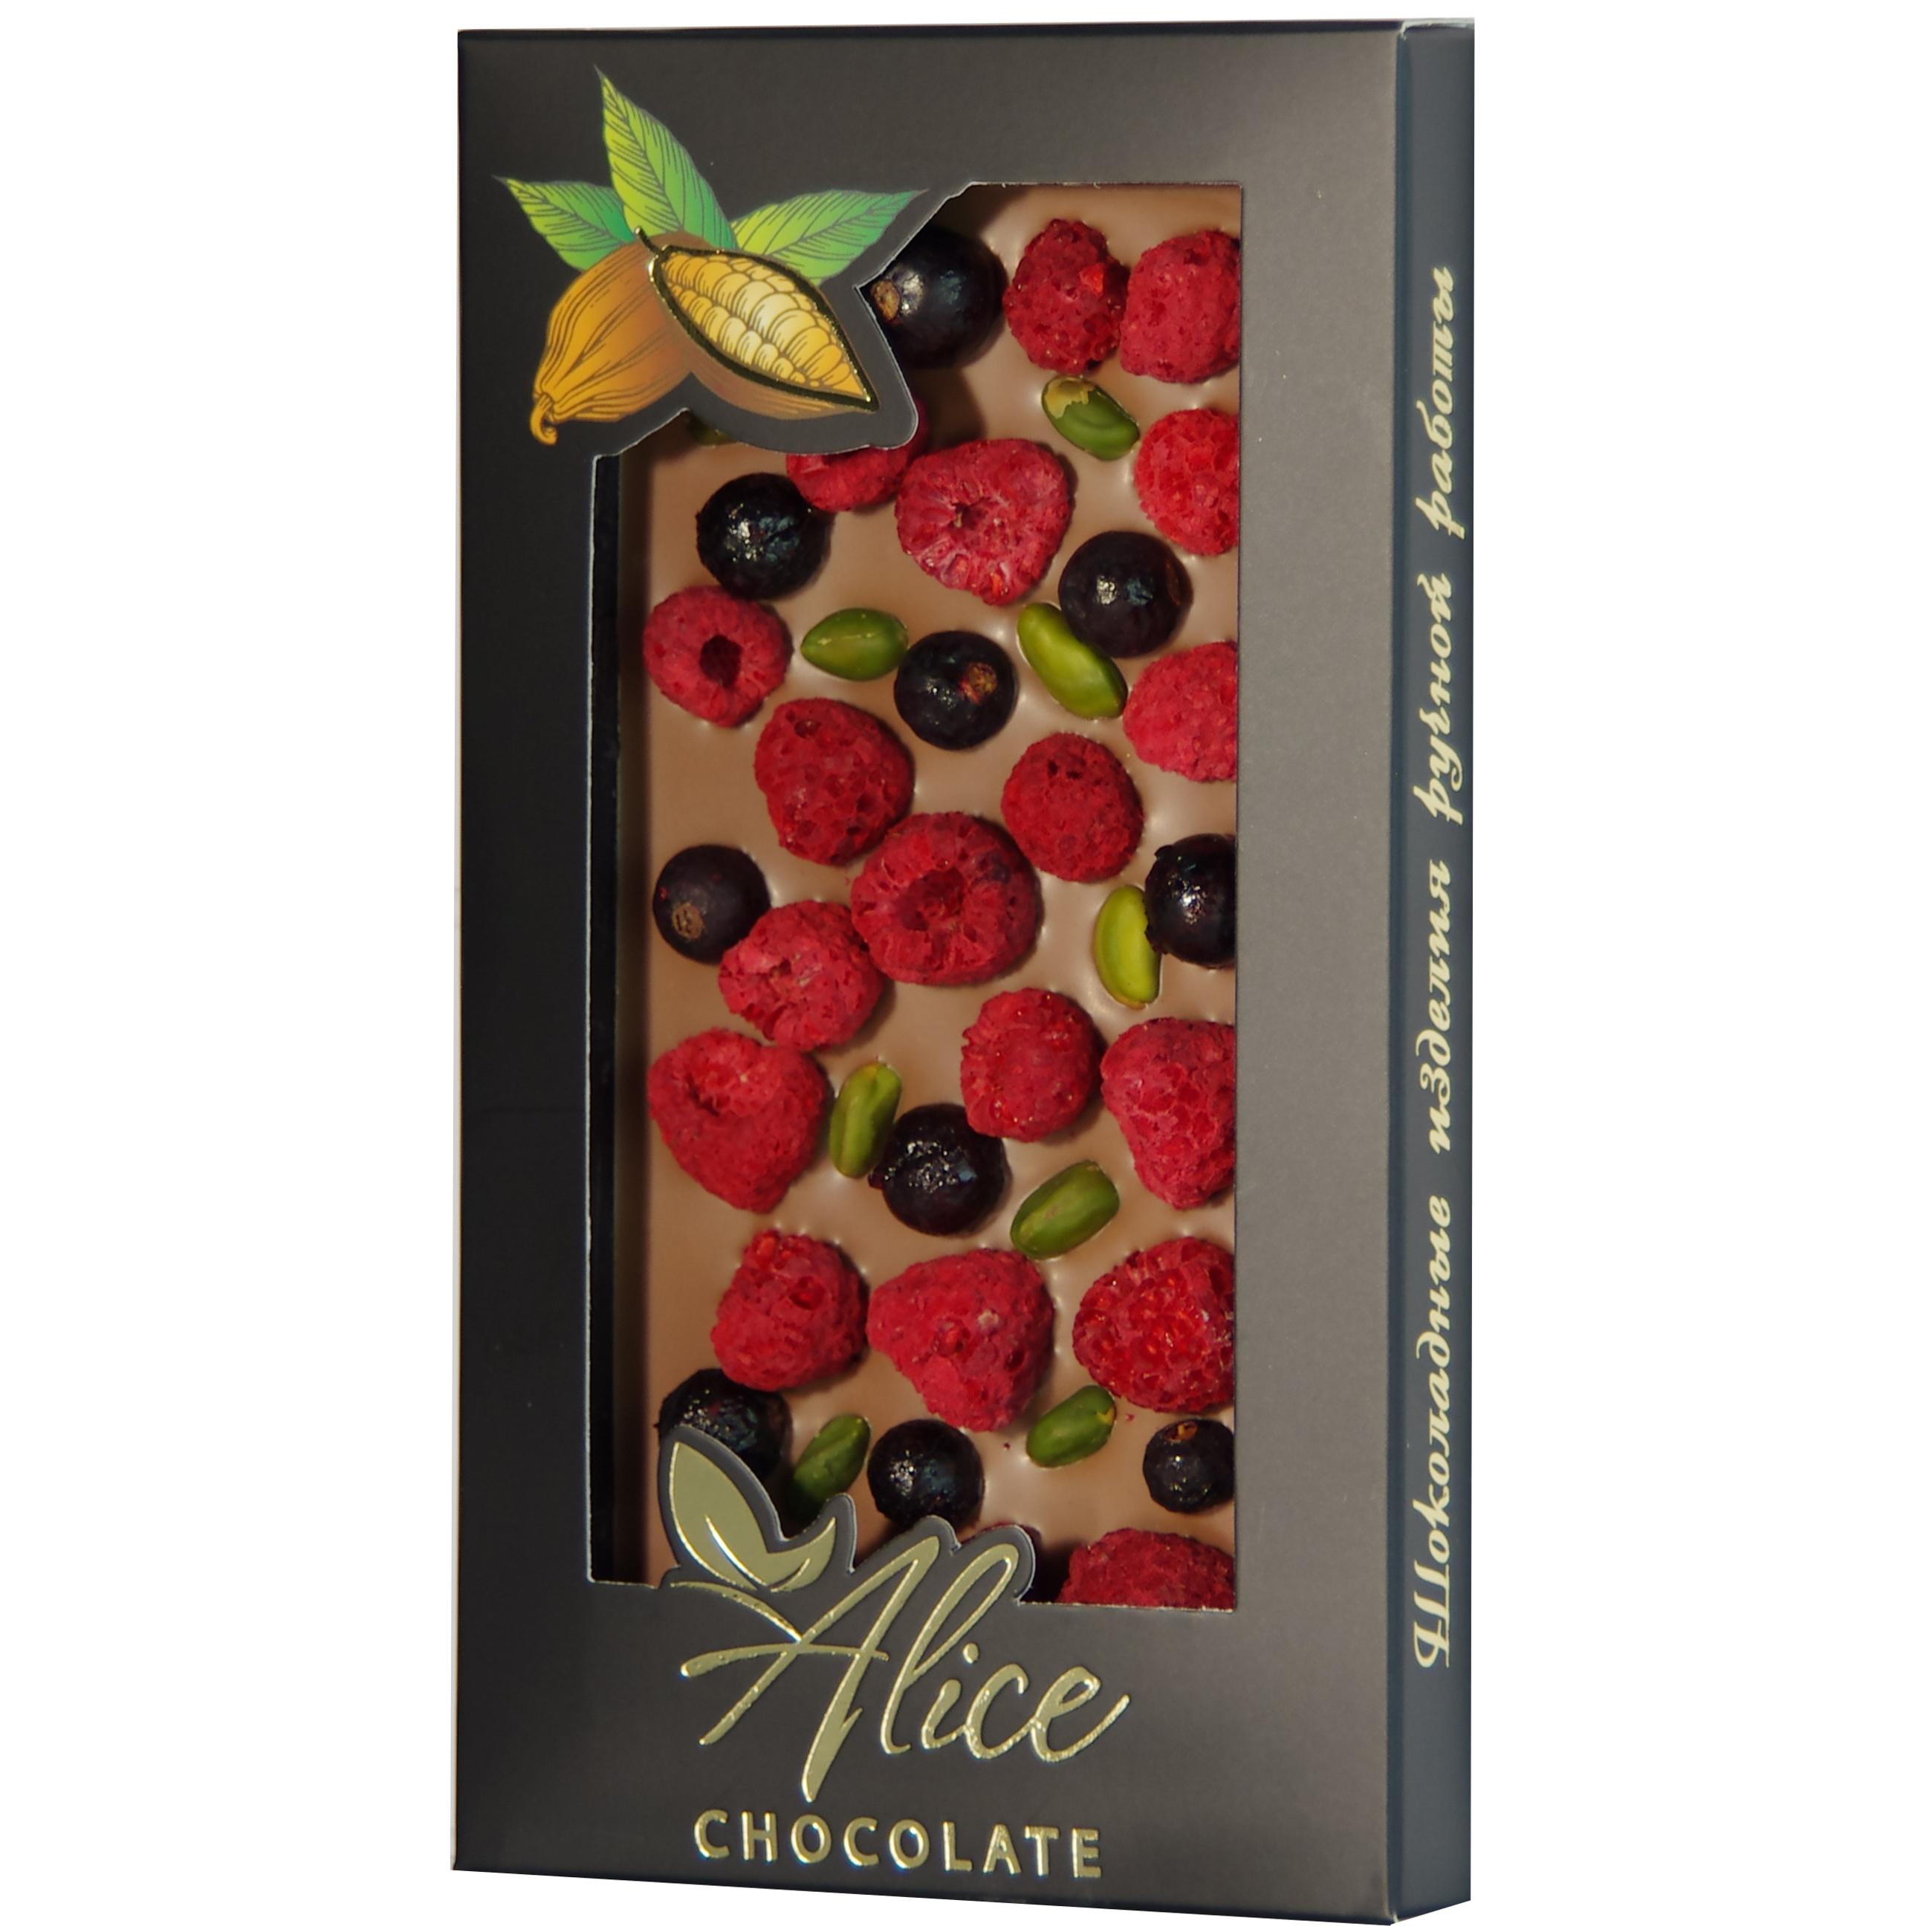 http://alice-chocolate.ru/wp-content/uploads/2018/05/Molochnyj-s-malinoj-smorodinoj-i-fistashkoj.jpg